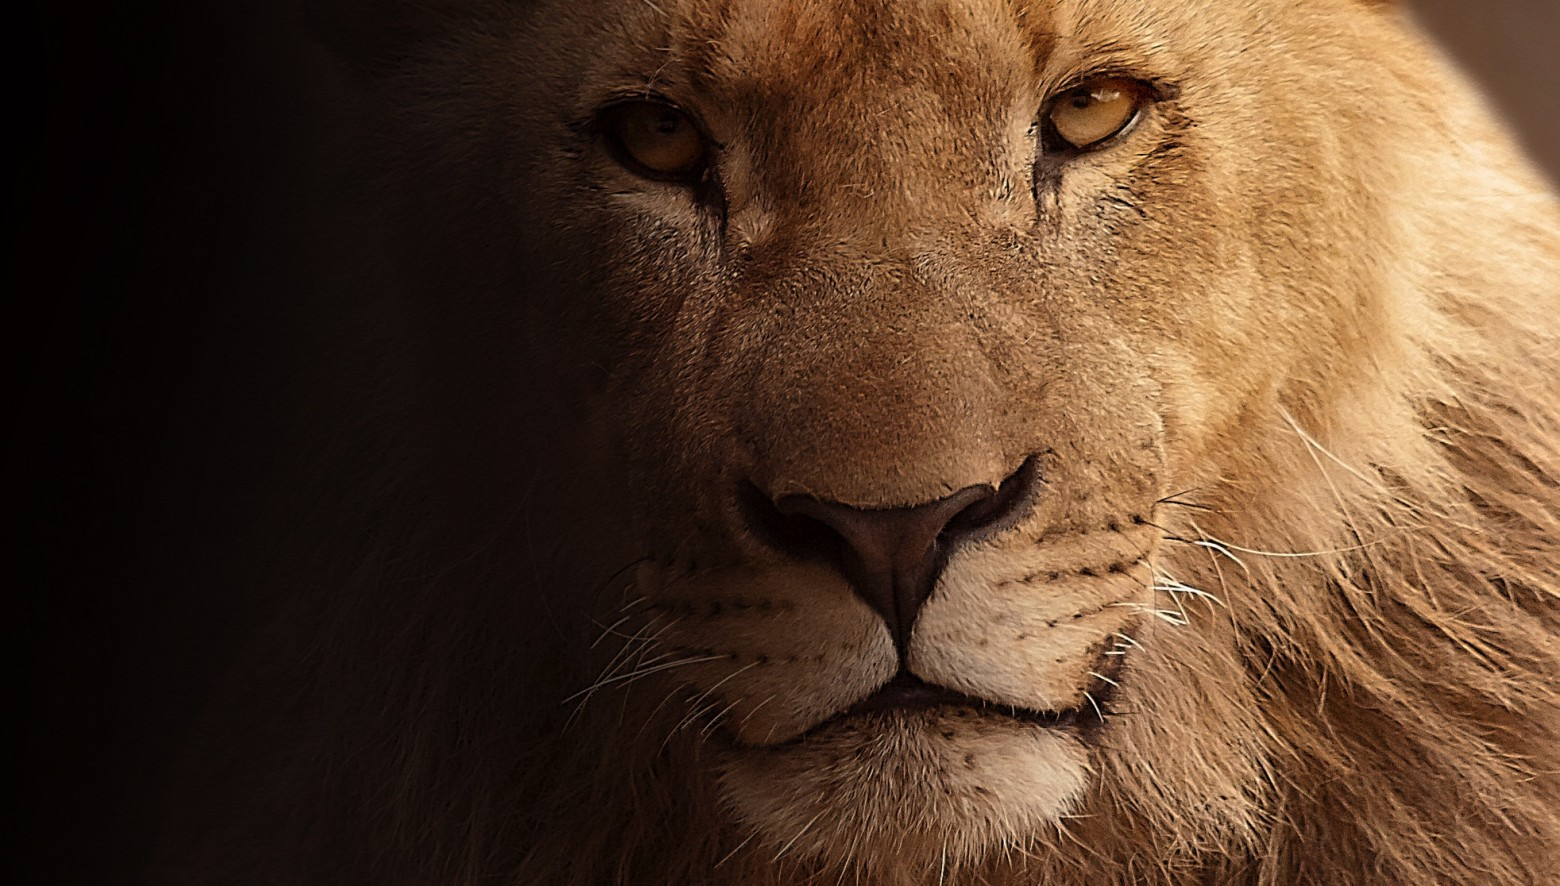 Le Lion Photo Gratuite Libre De Droit | Images Gratuites dedans Bogi Wallpapers T?L?Chargement Libre